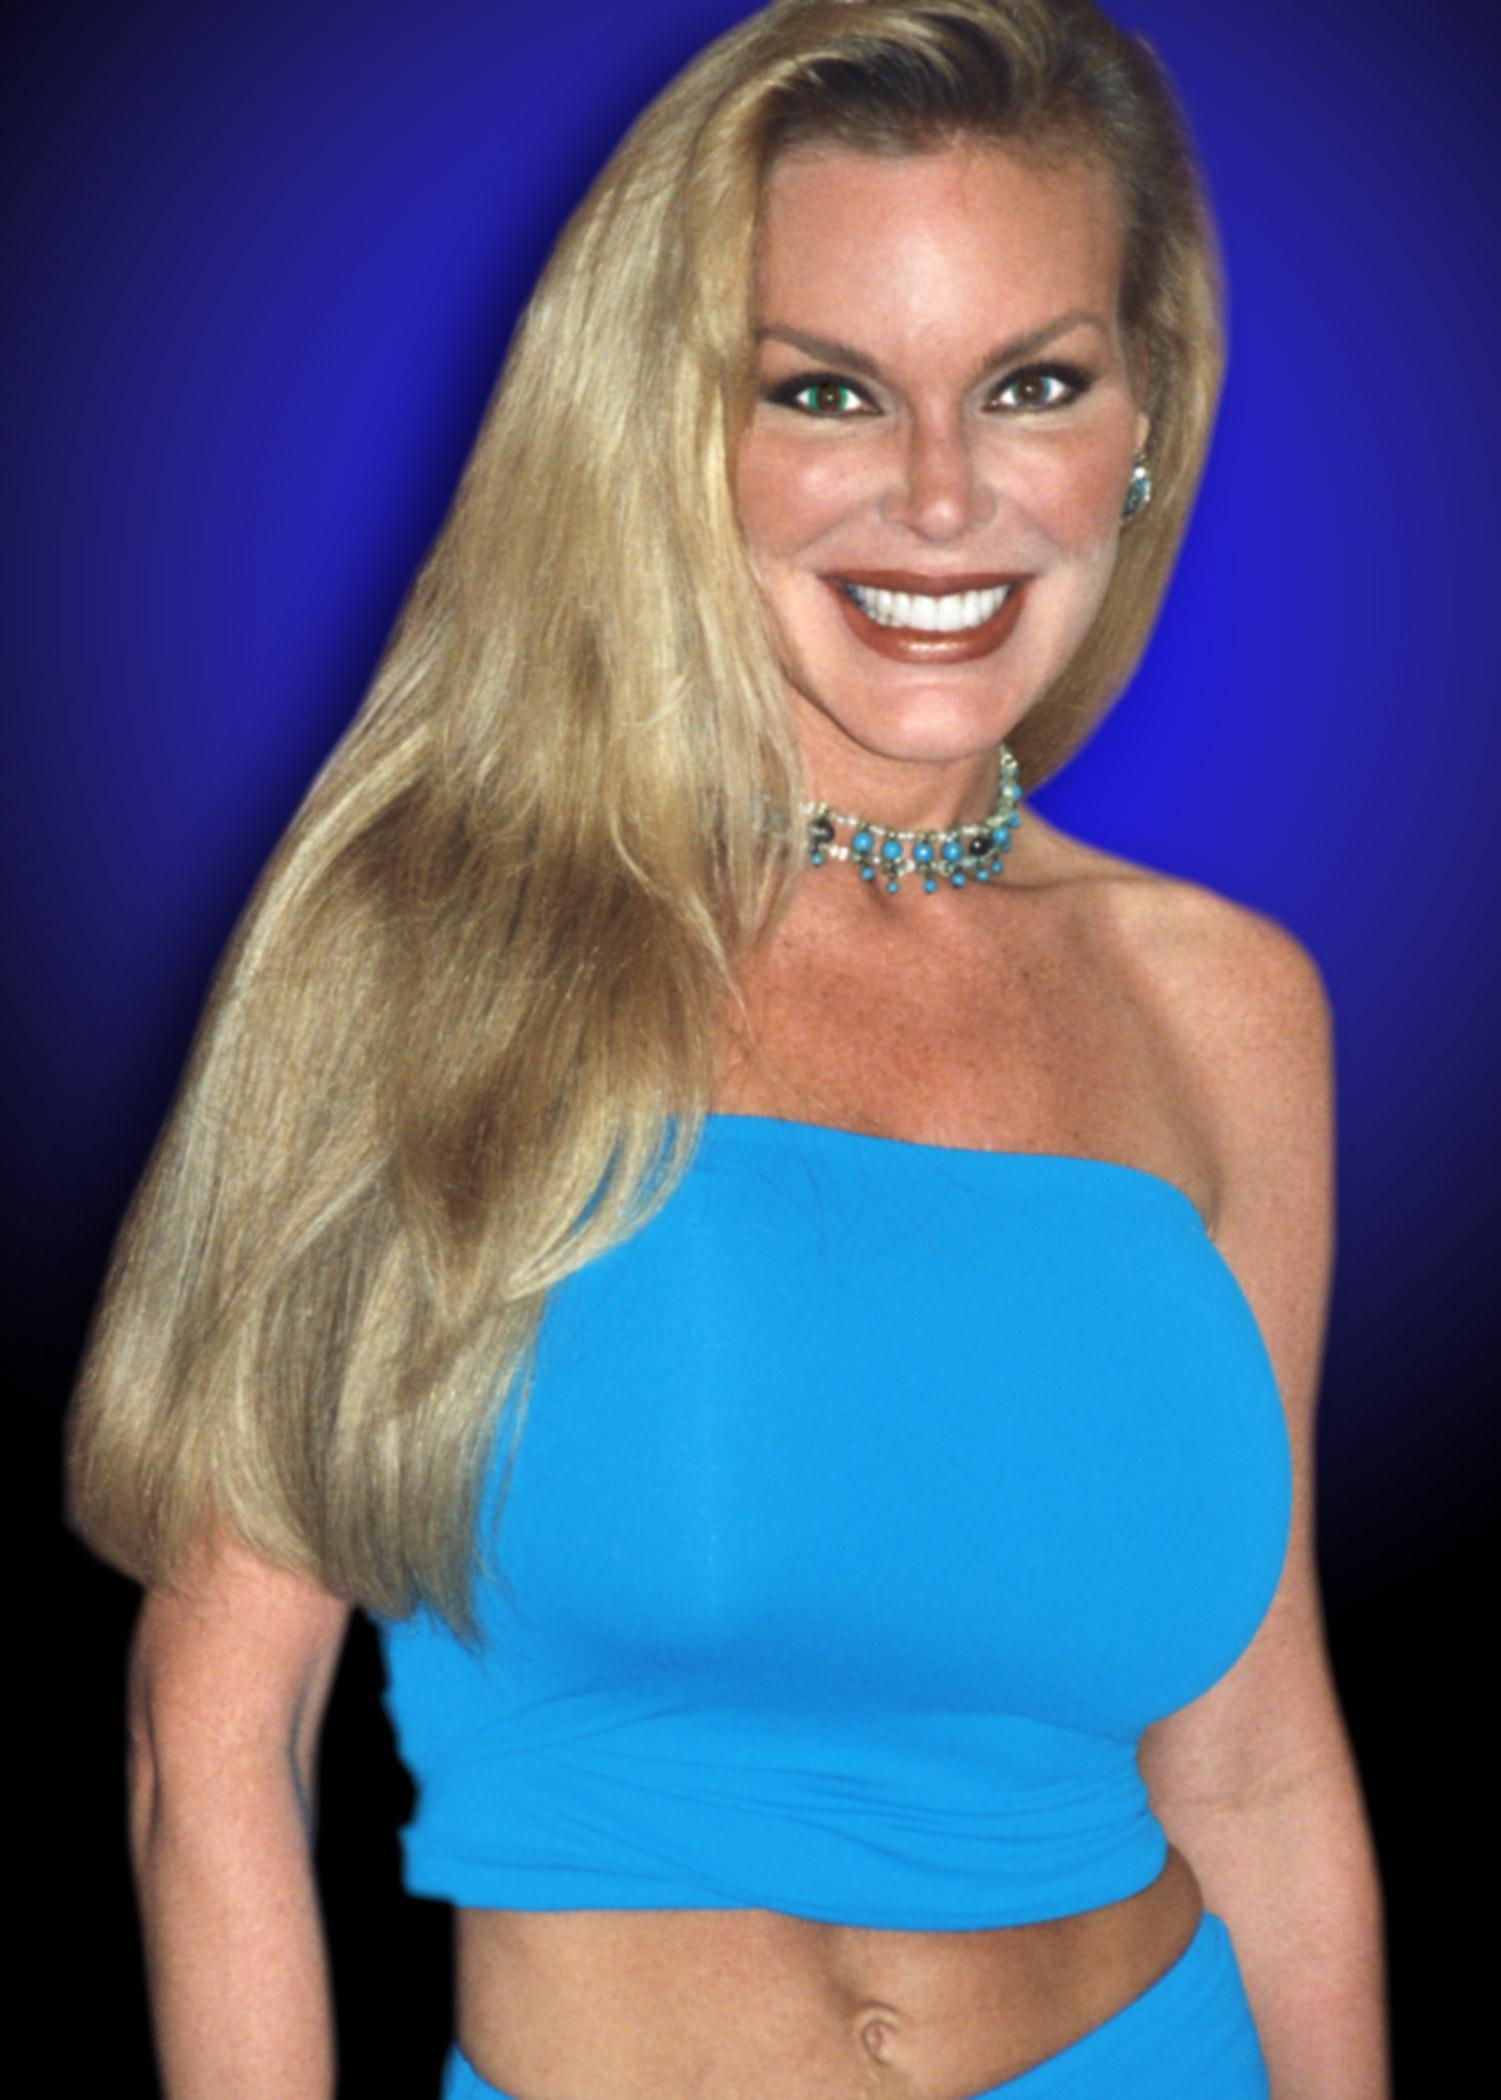 Debora Caprioglio (born 1968)